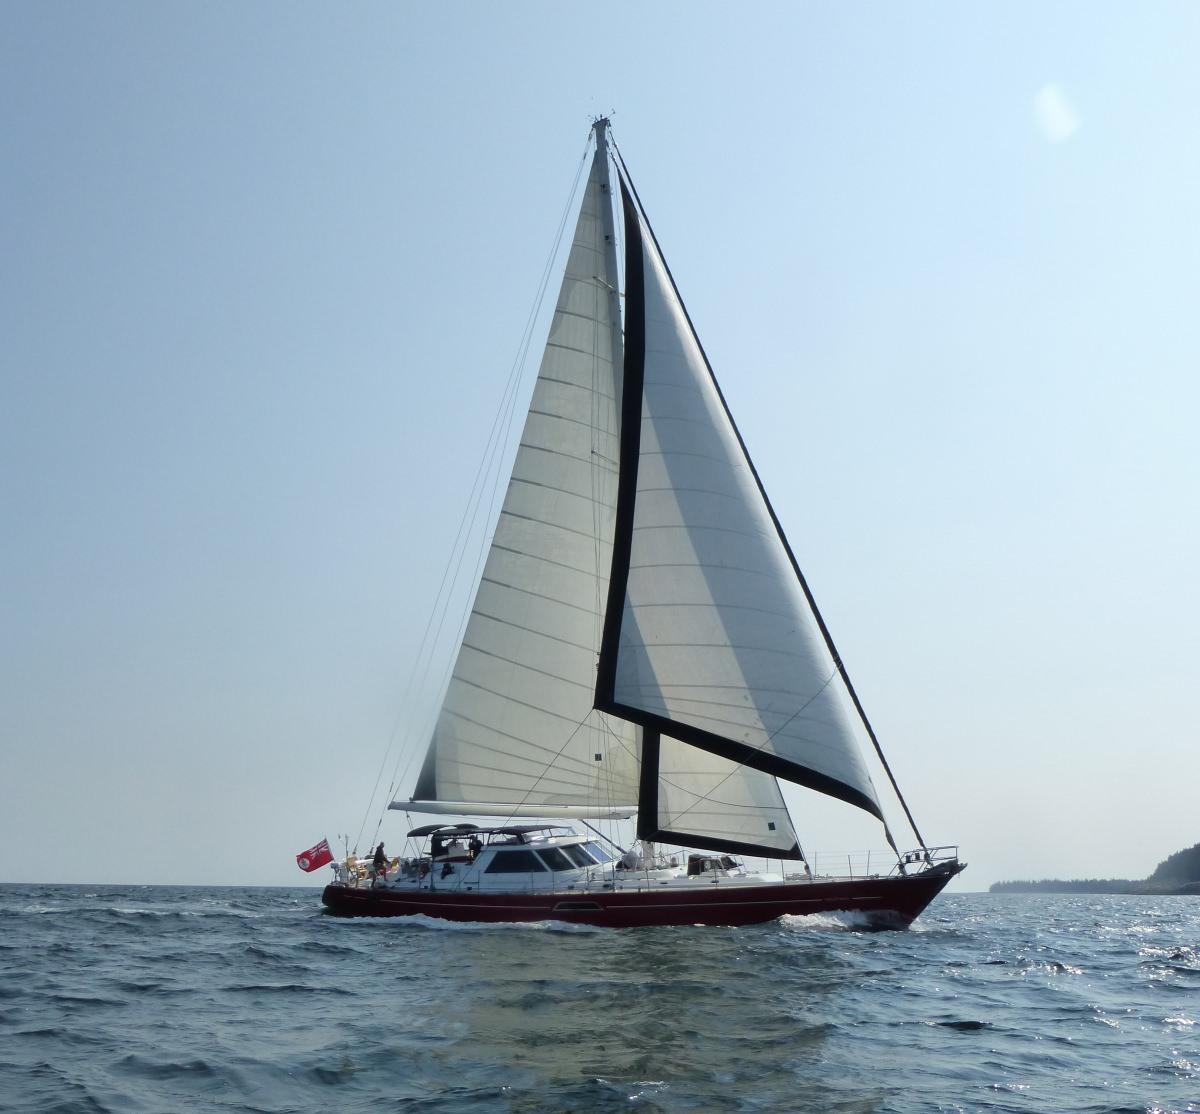 Yacht 'Mustang' - Sailing